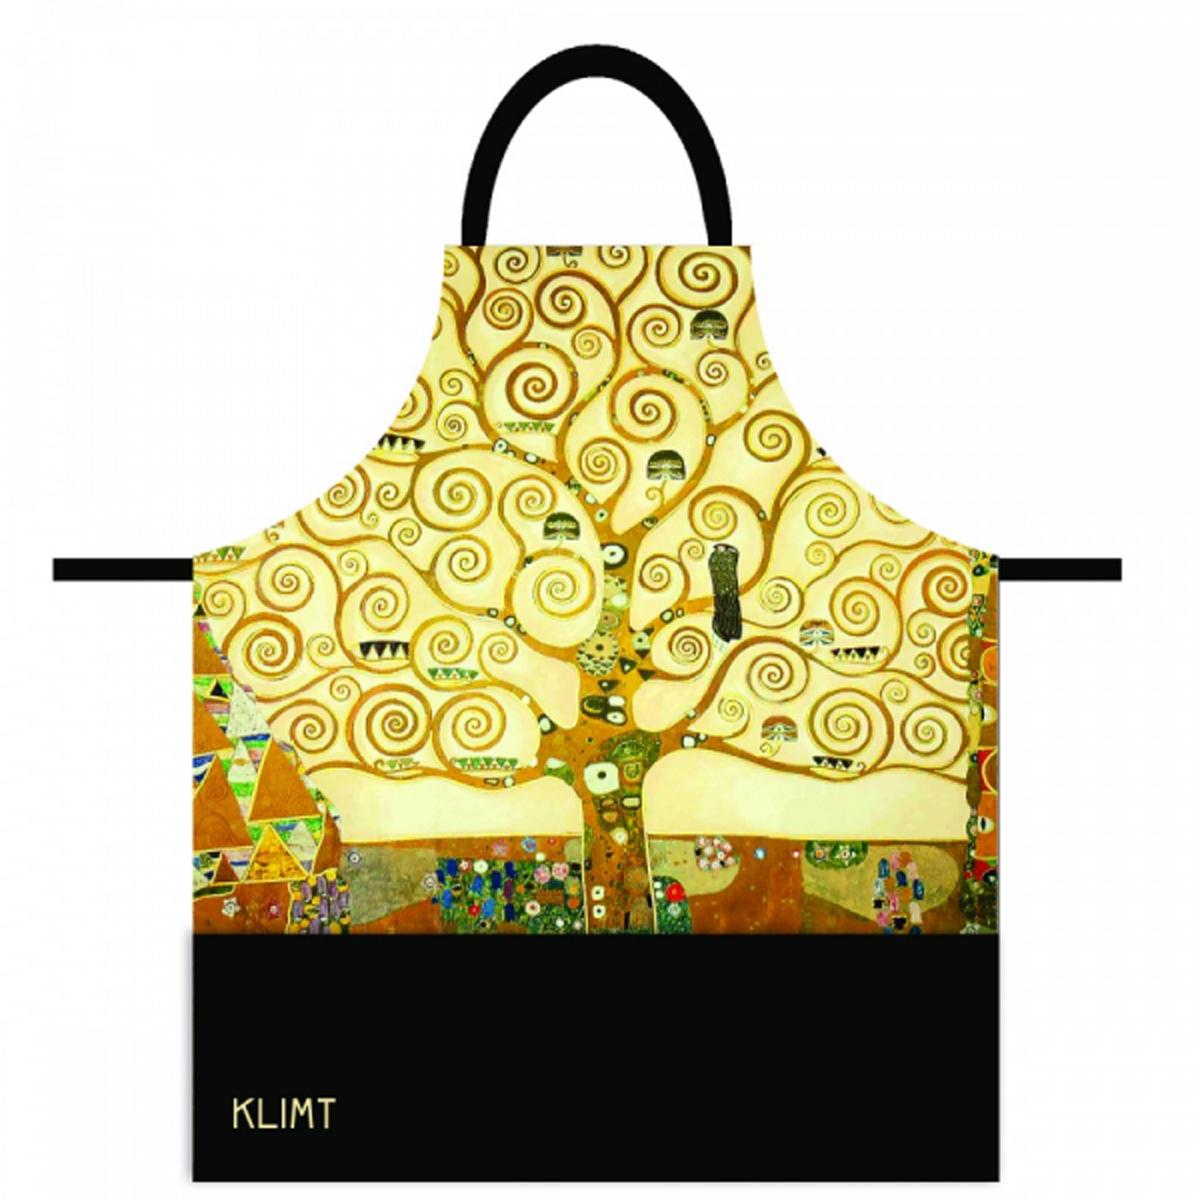 Tablier coton \'Gustav Klimt\' (Arbre de vie) - 78x68 cm - [R2001]